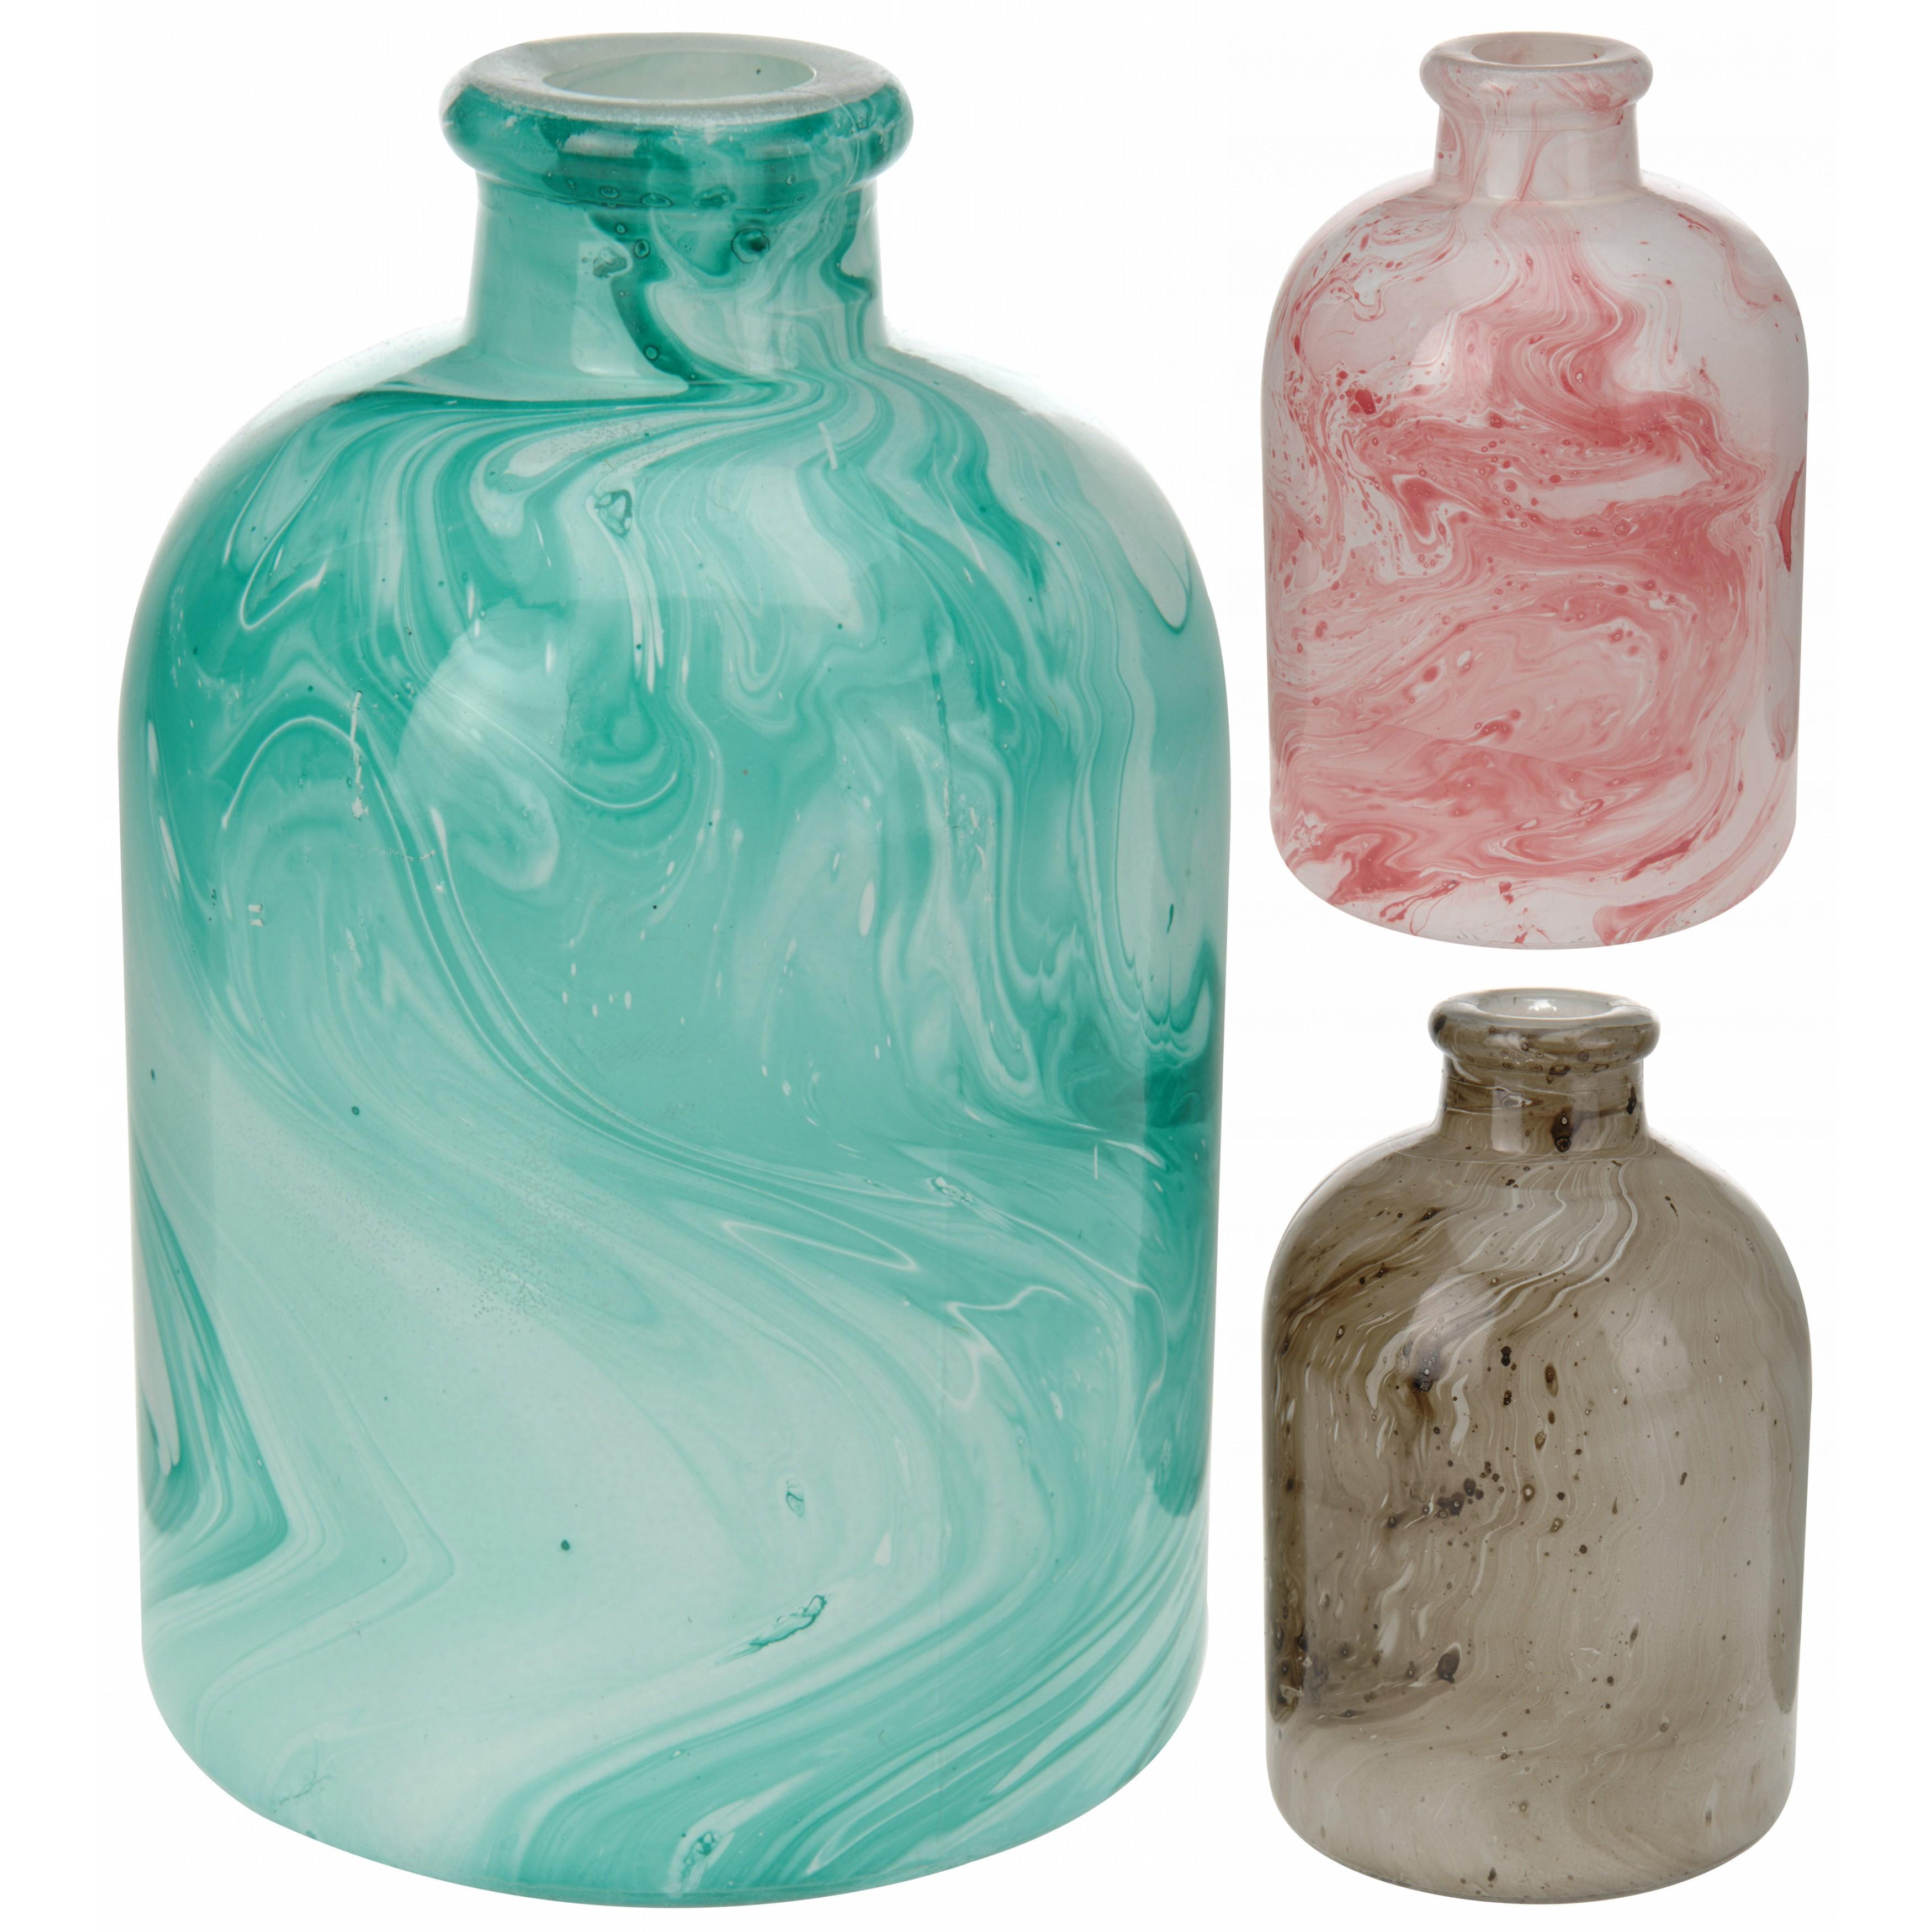 ВазаExcellent Houseware производит посуду и предметы домашнего обихода. Ваза предназначена для хранения цветов. Но она может быть просто украшением интерьера. Если положить внутрь какие-то декоративные элементы, конфеты или специи, тогда она станет своеобразной эксклюзивной статуэткой. Внимание! Выбирать цвет заранее не представляется возможным.<br>